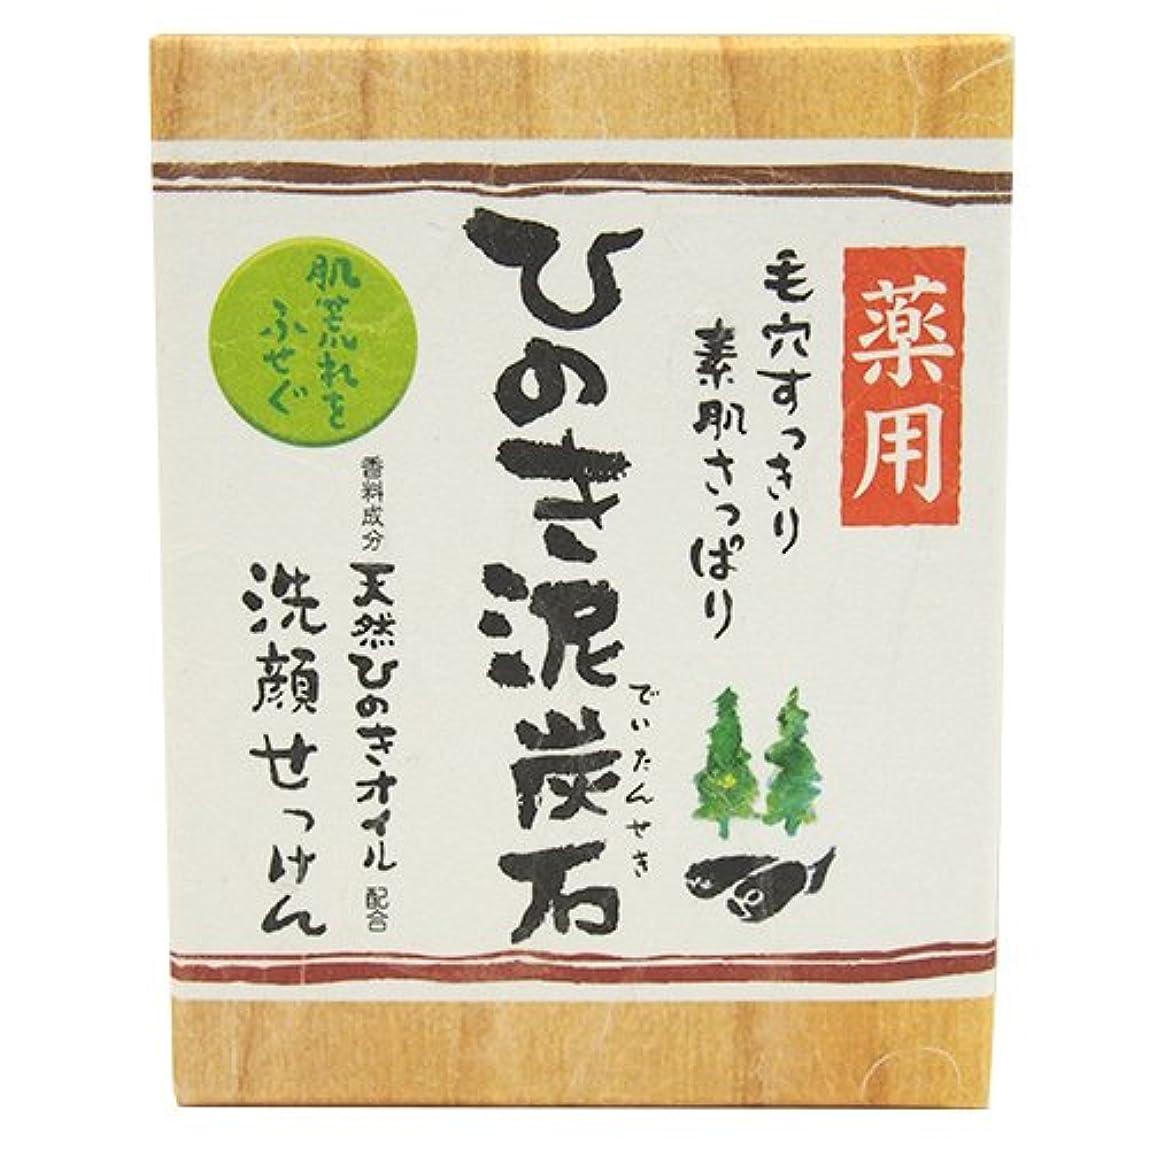 抗生物質ライセンス穴東京宝 薬用ひのき泥炭石 すっきり黒タイプ 洗顔石鹸 75g